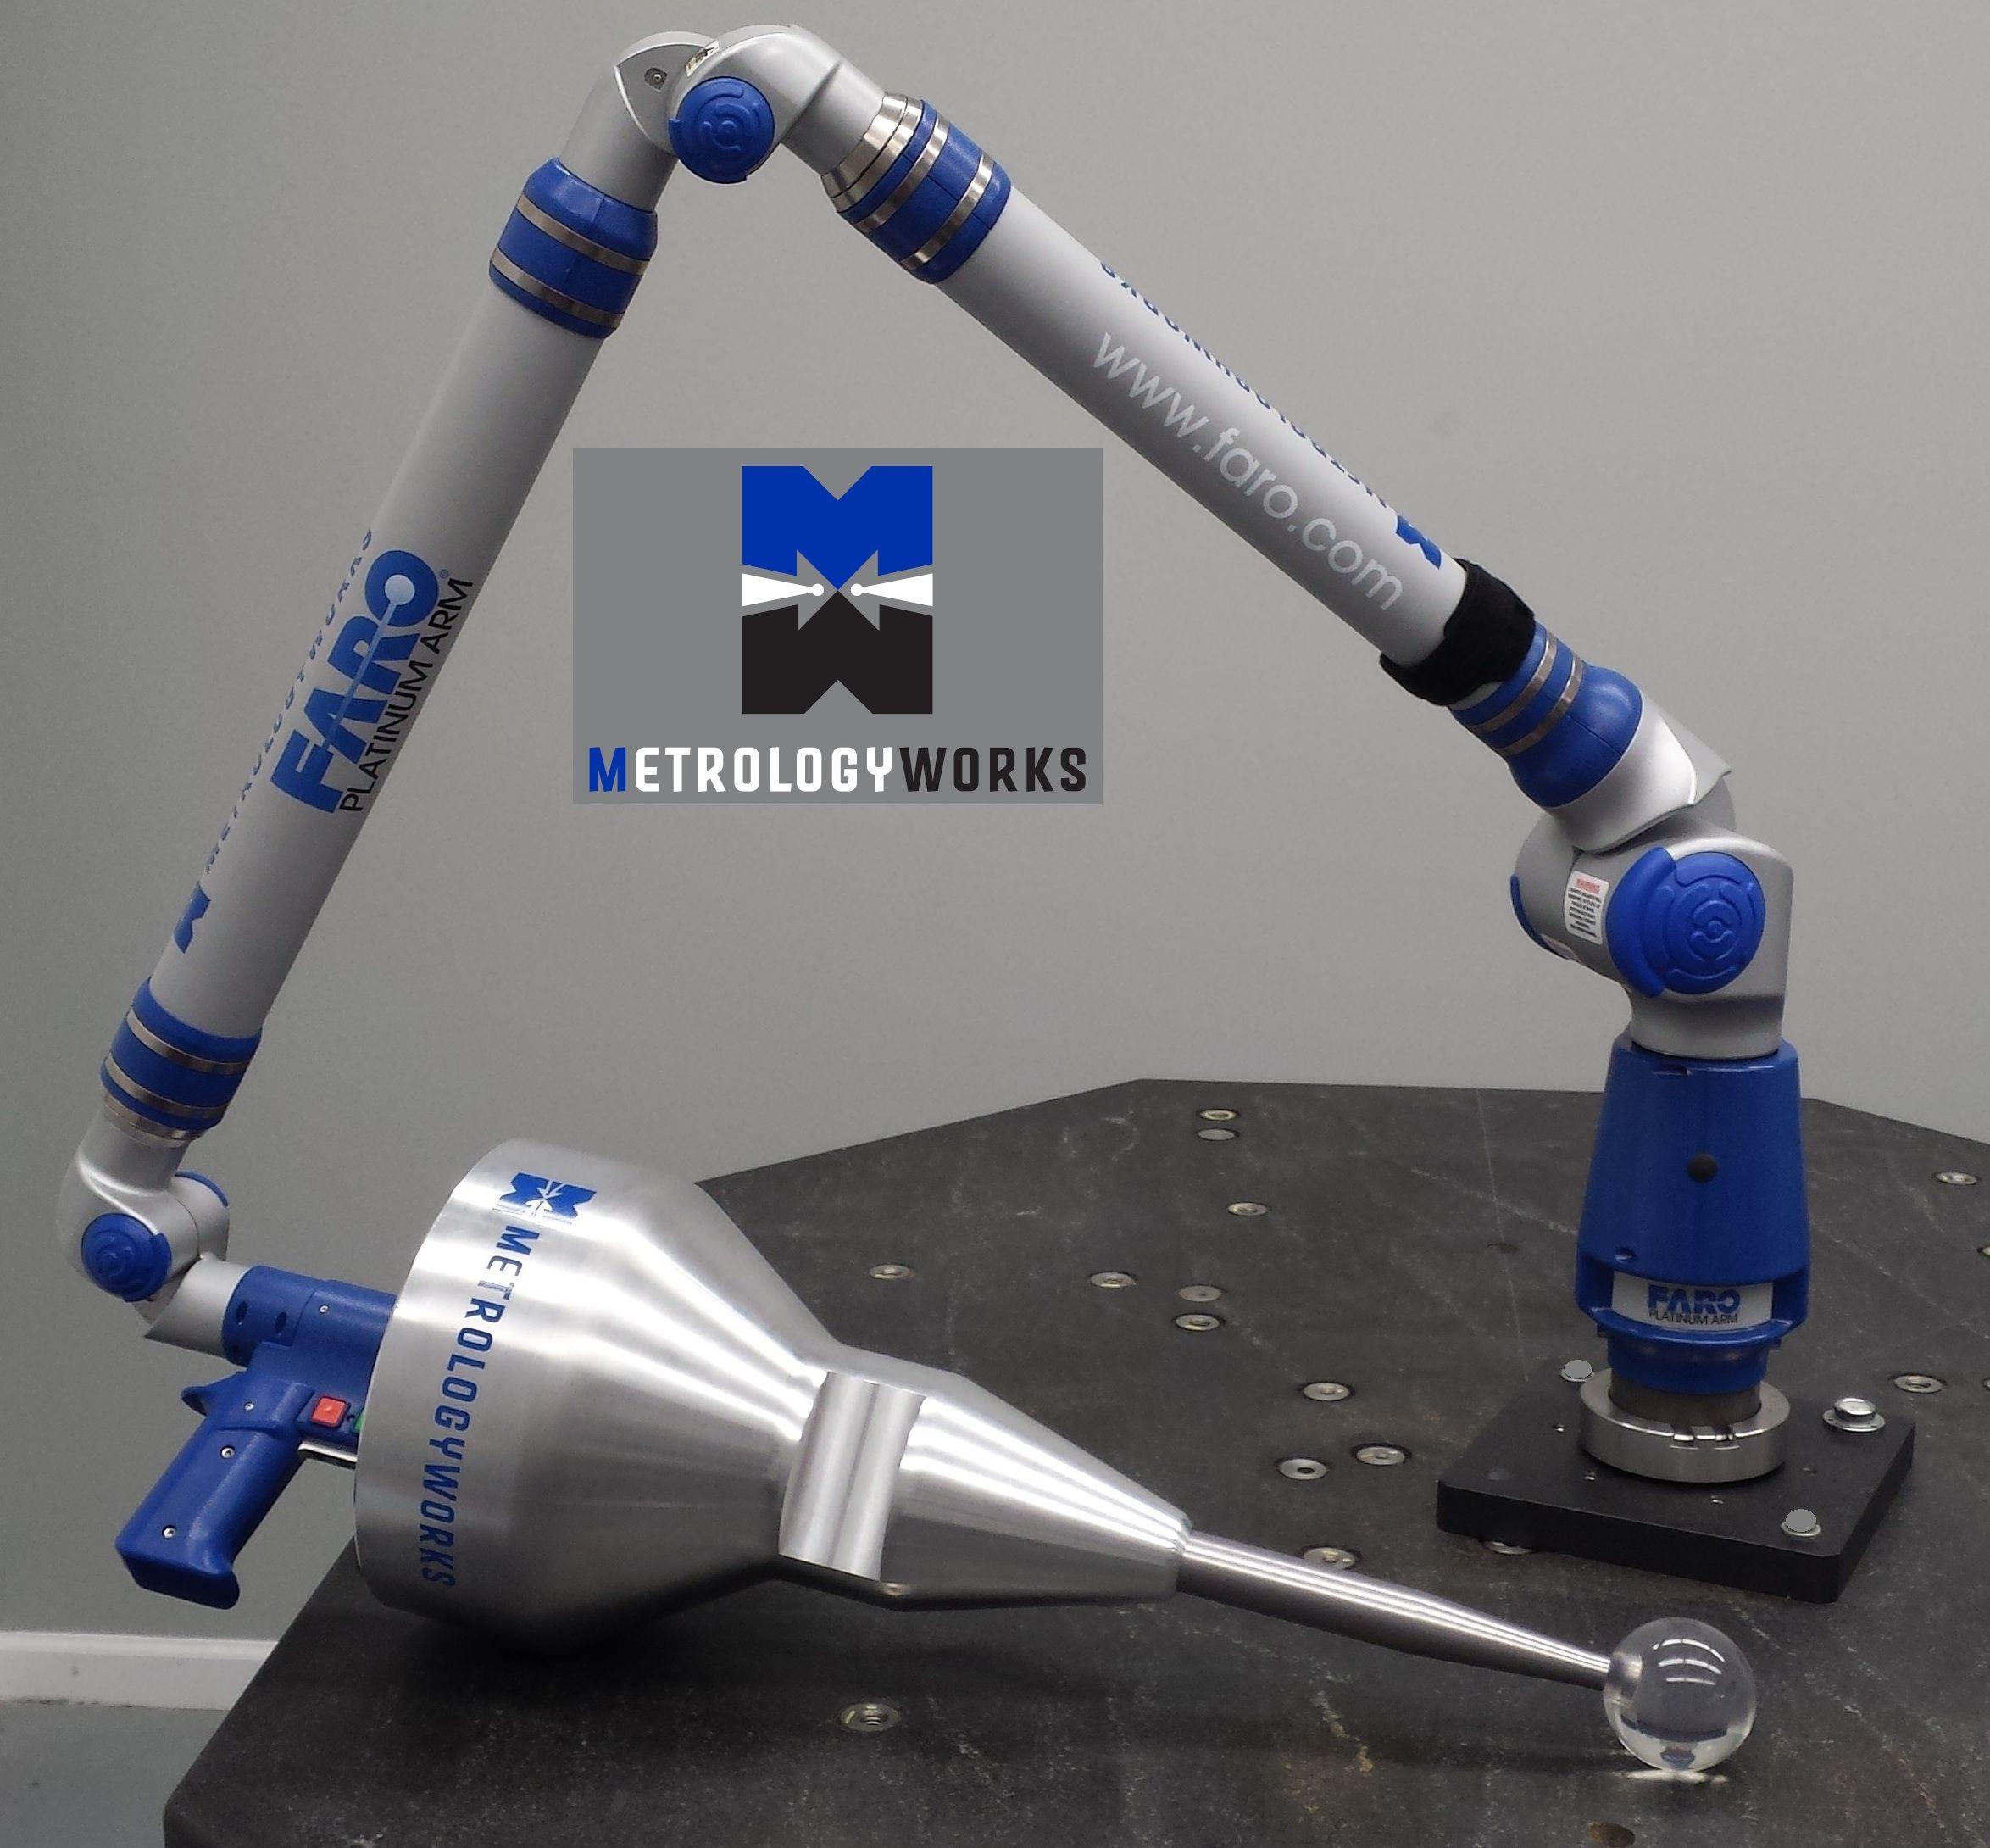 Worlds Largest Probe For Faro Arm On Faro Arm Jpg 2 348 2 180 Pixel Probe Faro Portable